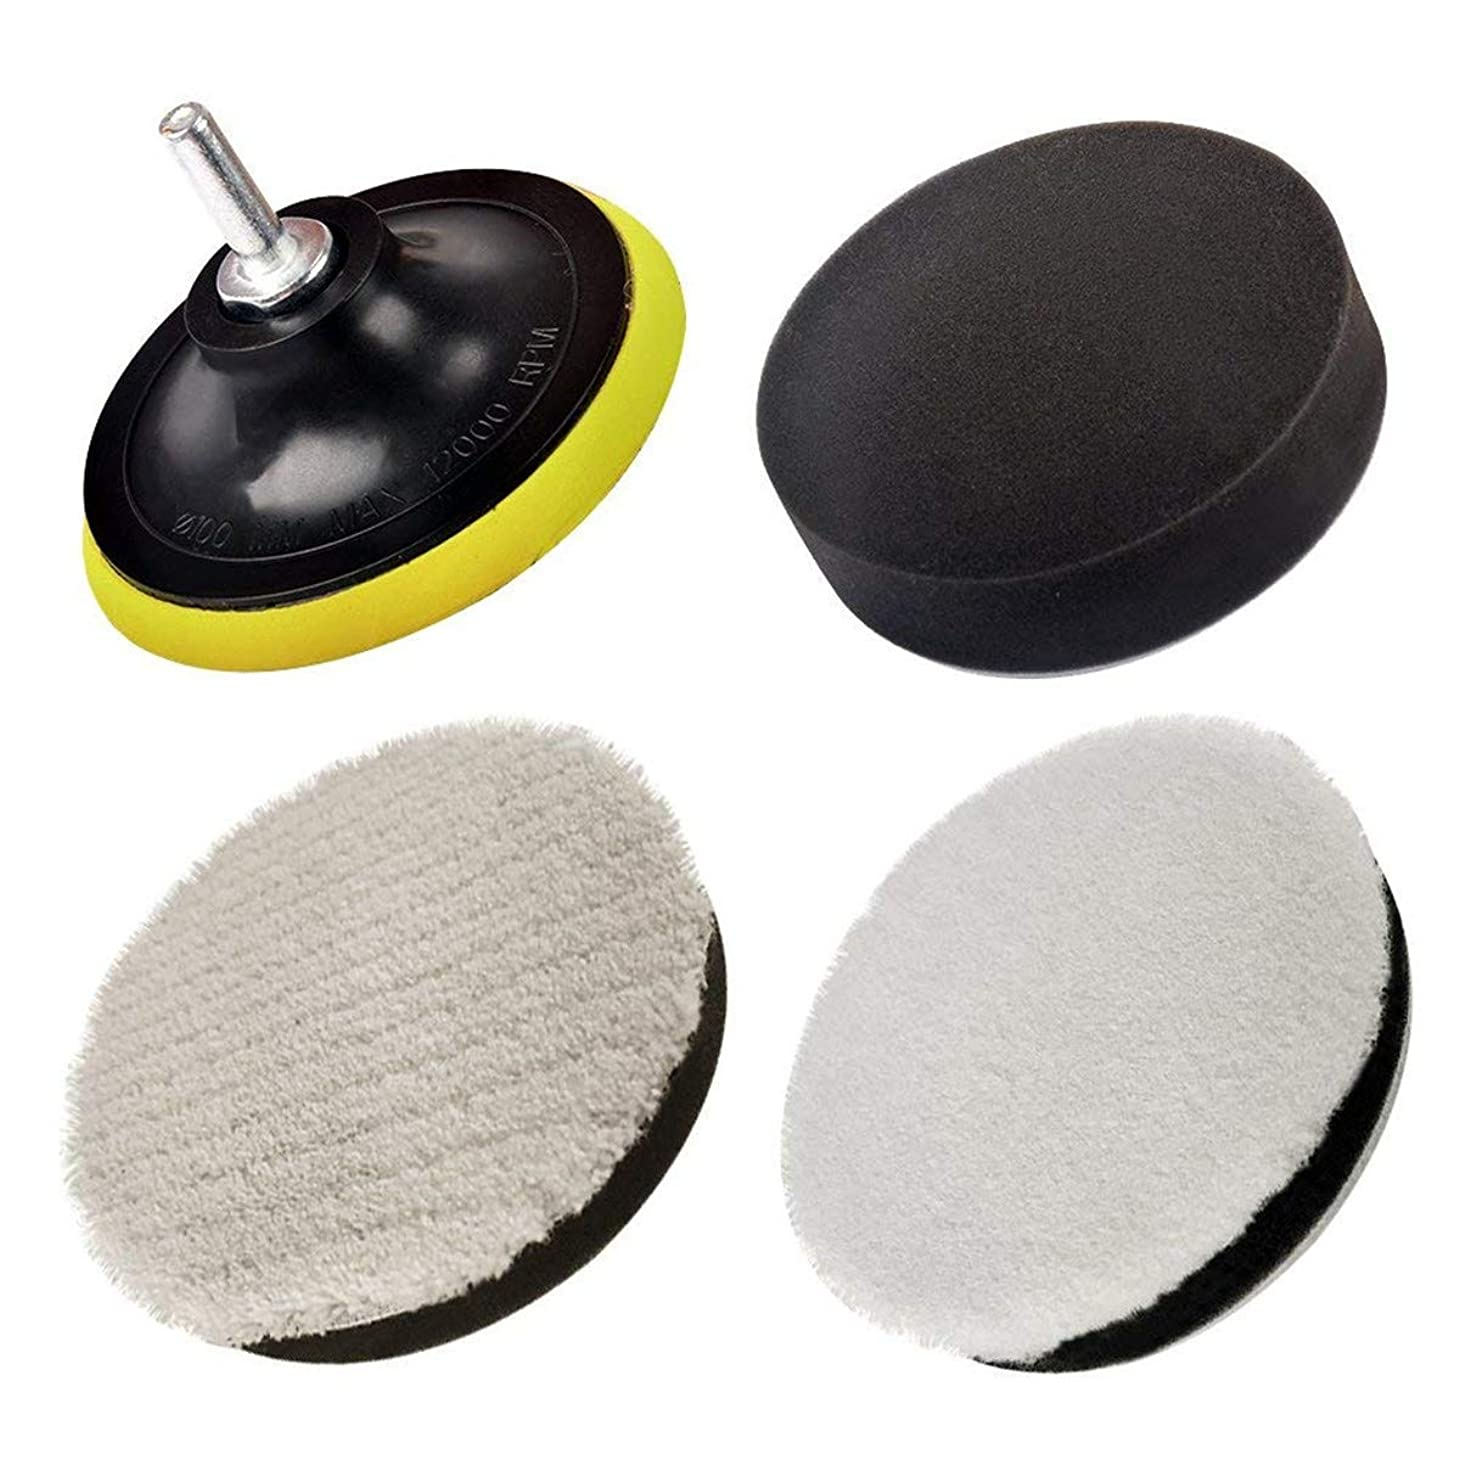 早める耳電子研磨パッド カー研磨用 ポリッシャー用 マイクロファイバー